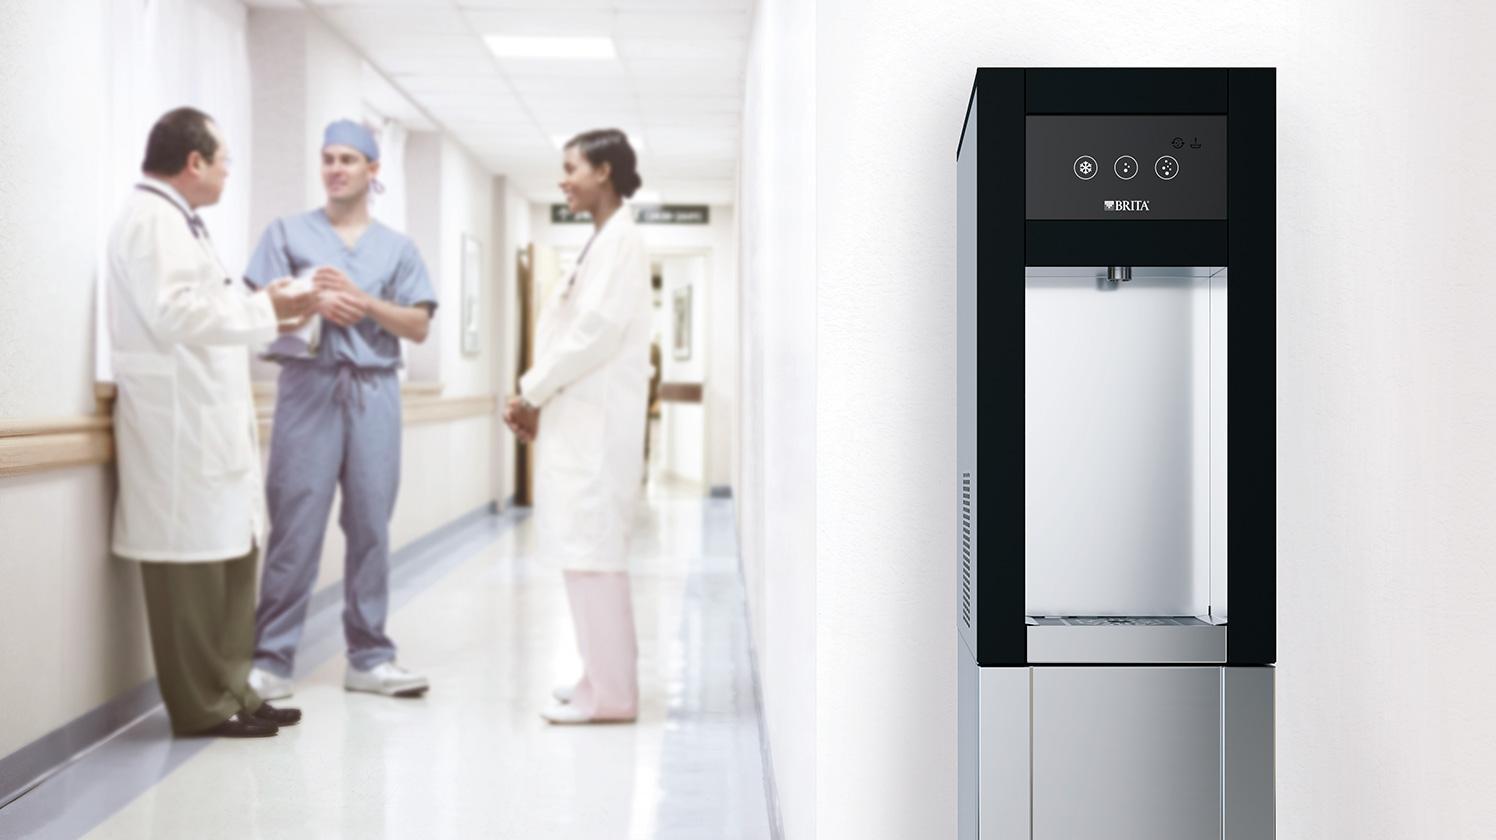 Filtr BRITA CLARITY Protect szpitalny korytarz